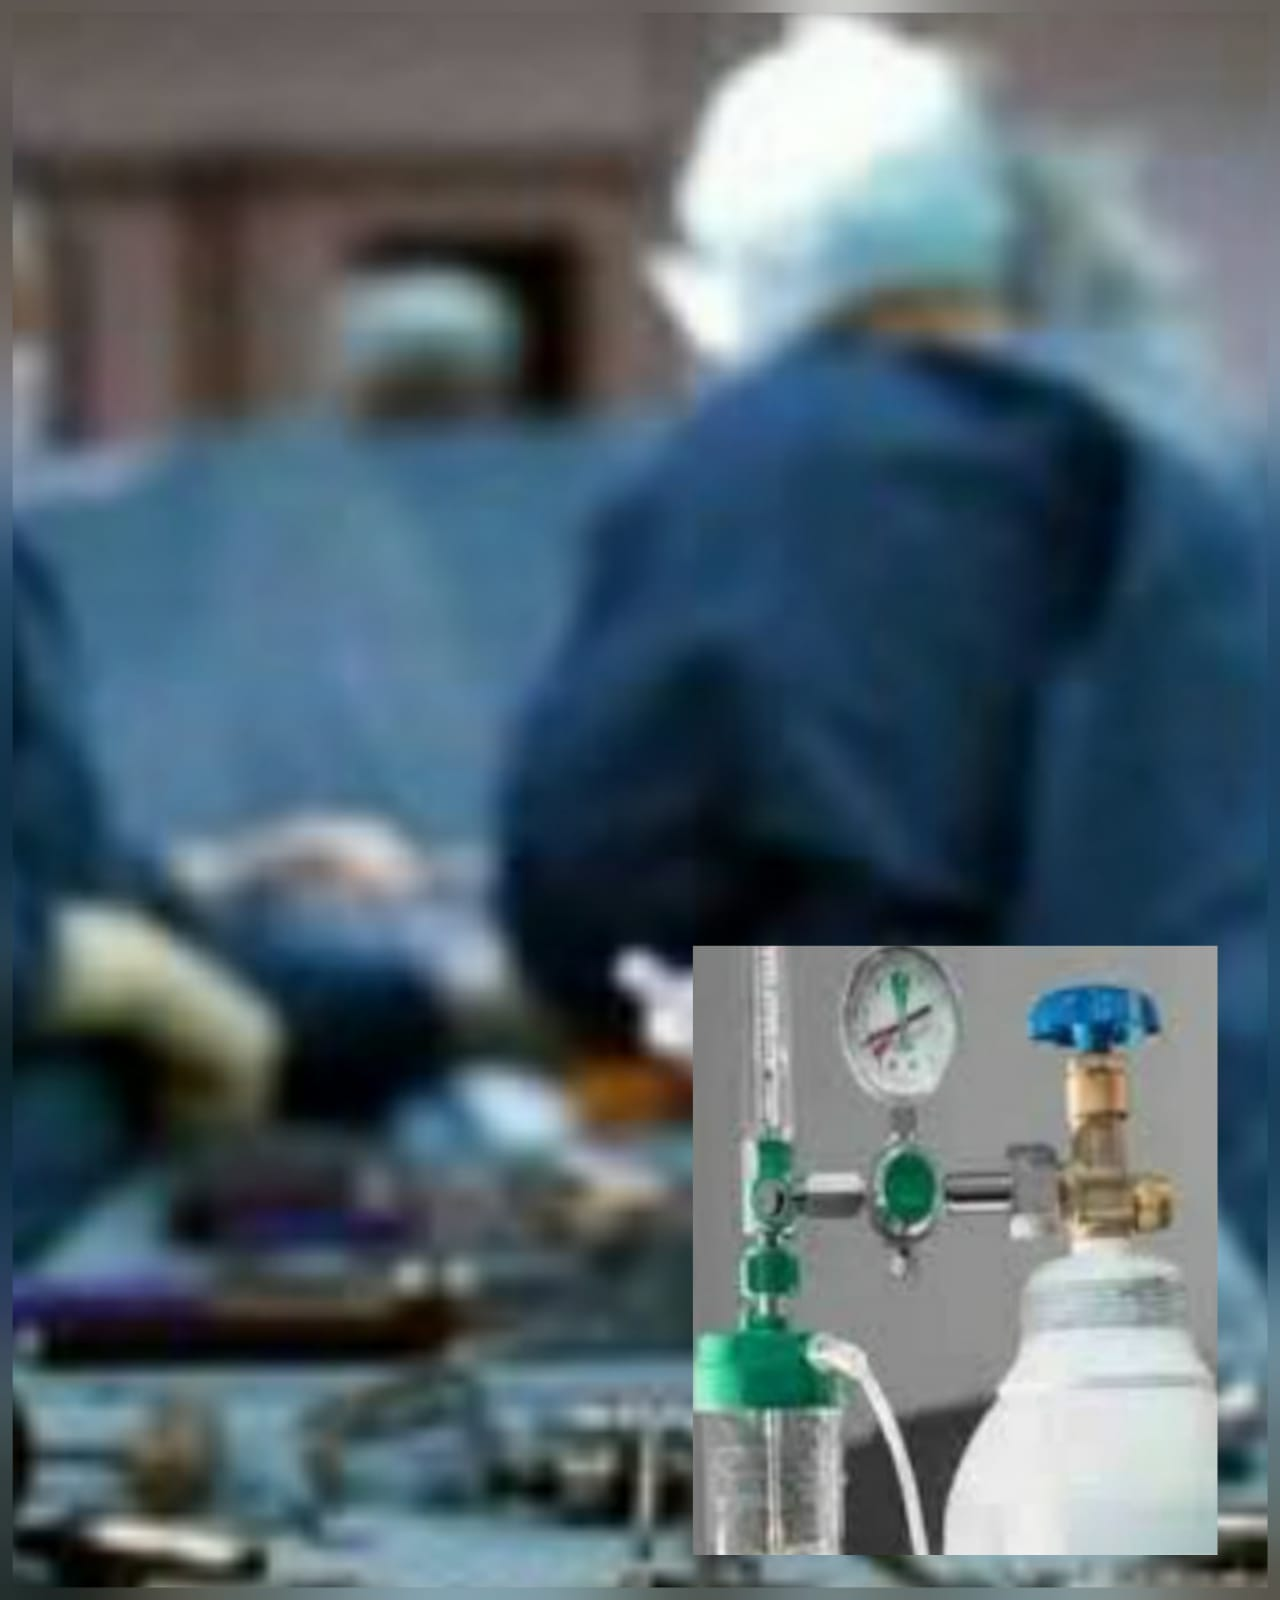 कोविड संक्रमित गर्भवती नर्स की ऑक्सीजन के अभाव में मौत पर अस्पताल में स्टाफ नर्सो व परिजनों ने जमकर काटा बवाल